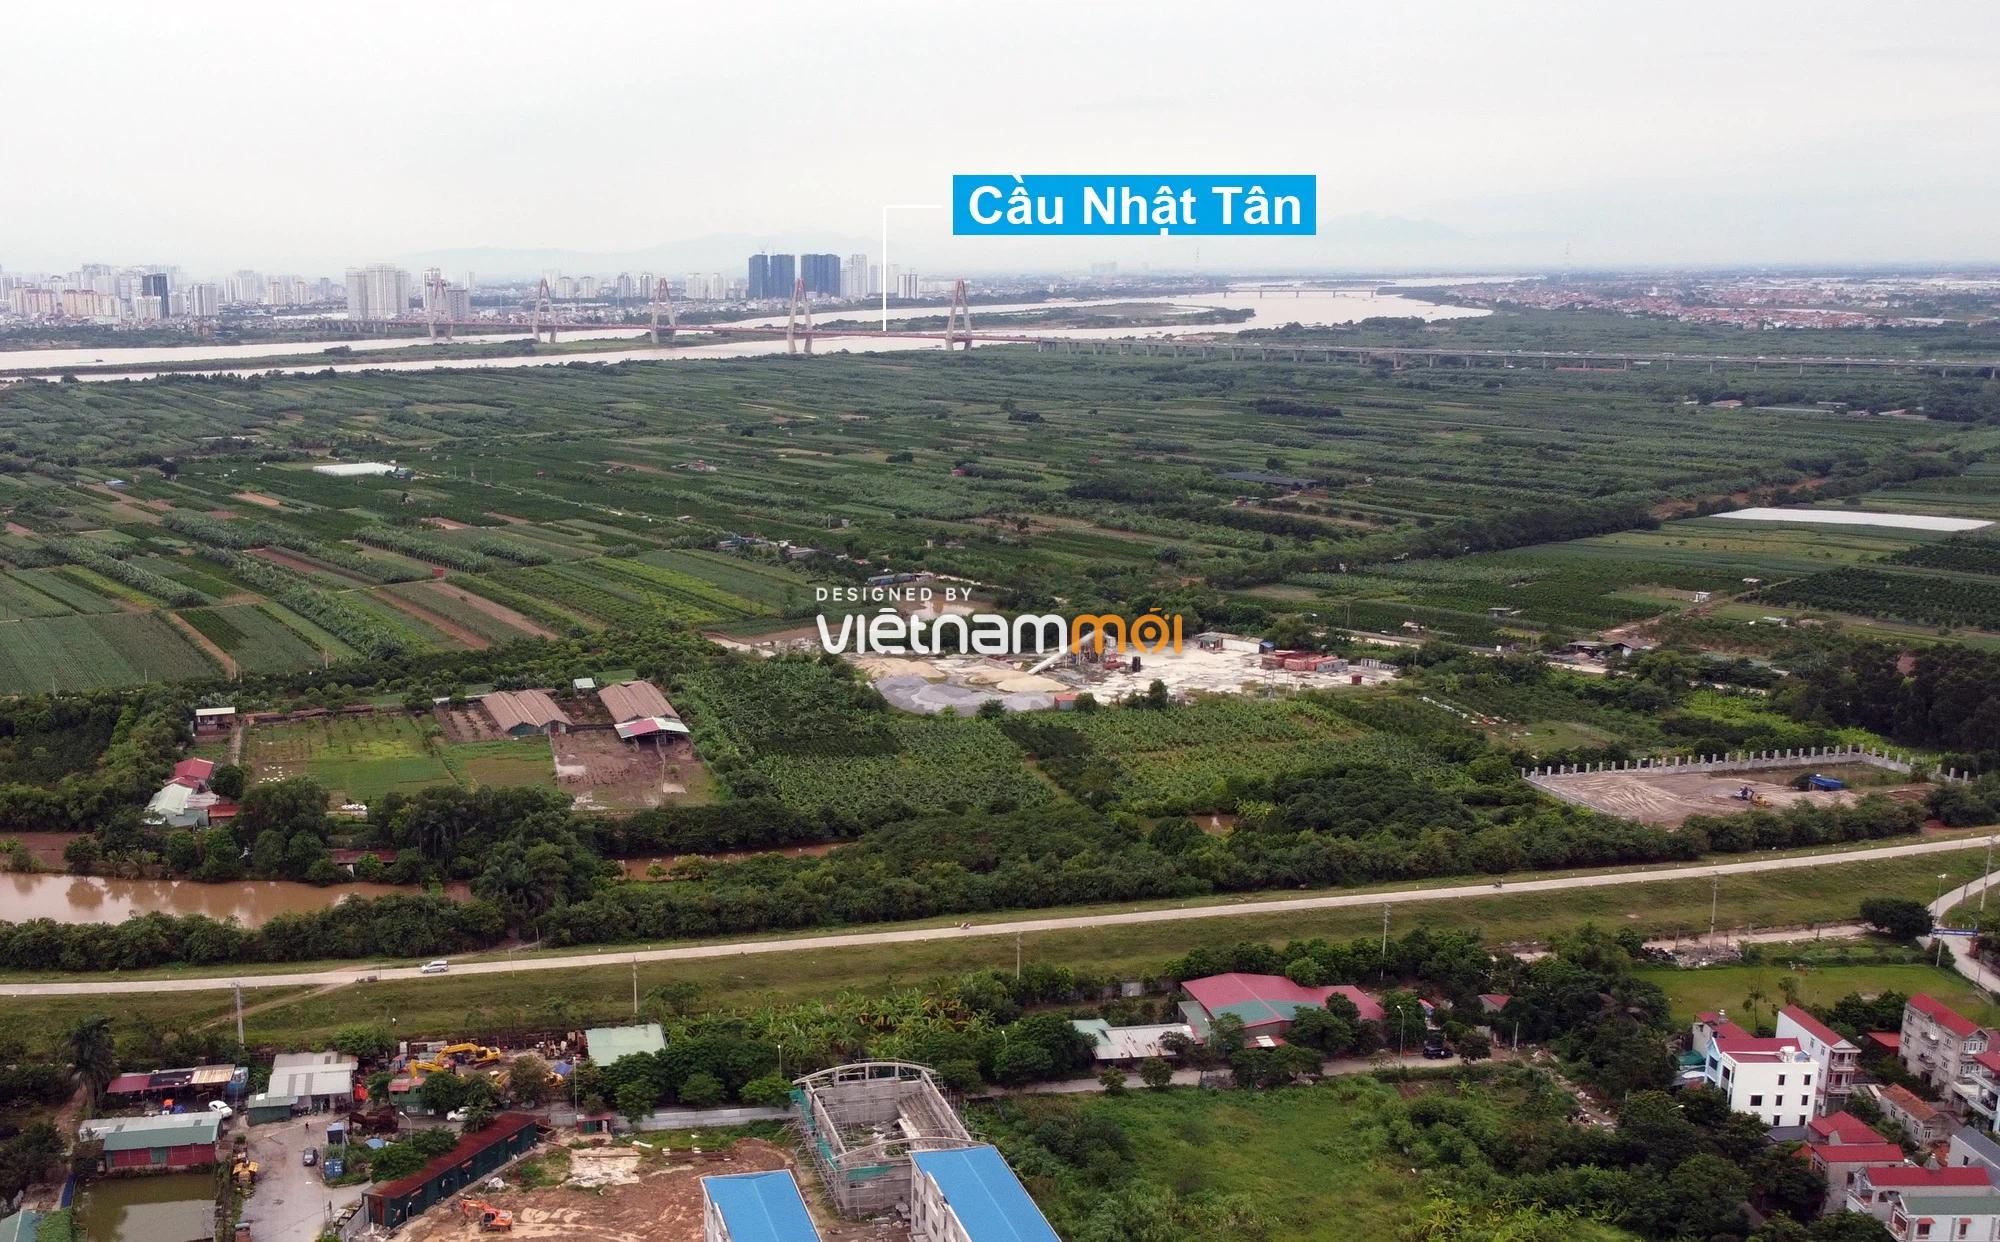 Hà Nội: Toàn cảnh hai bãi sông Hồng được phép xây dựng - Ảnh 5.